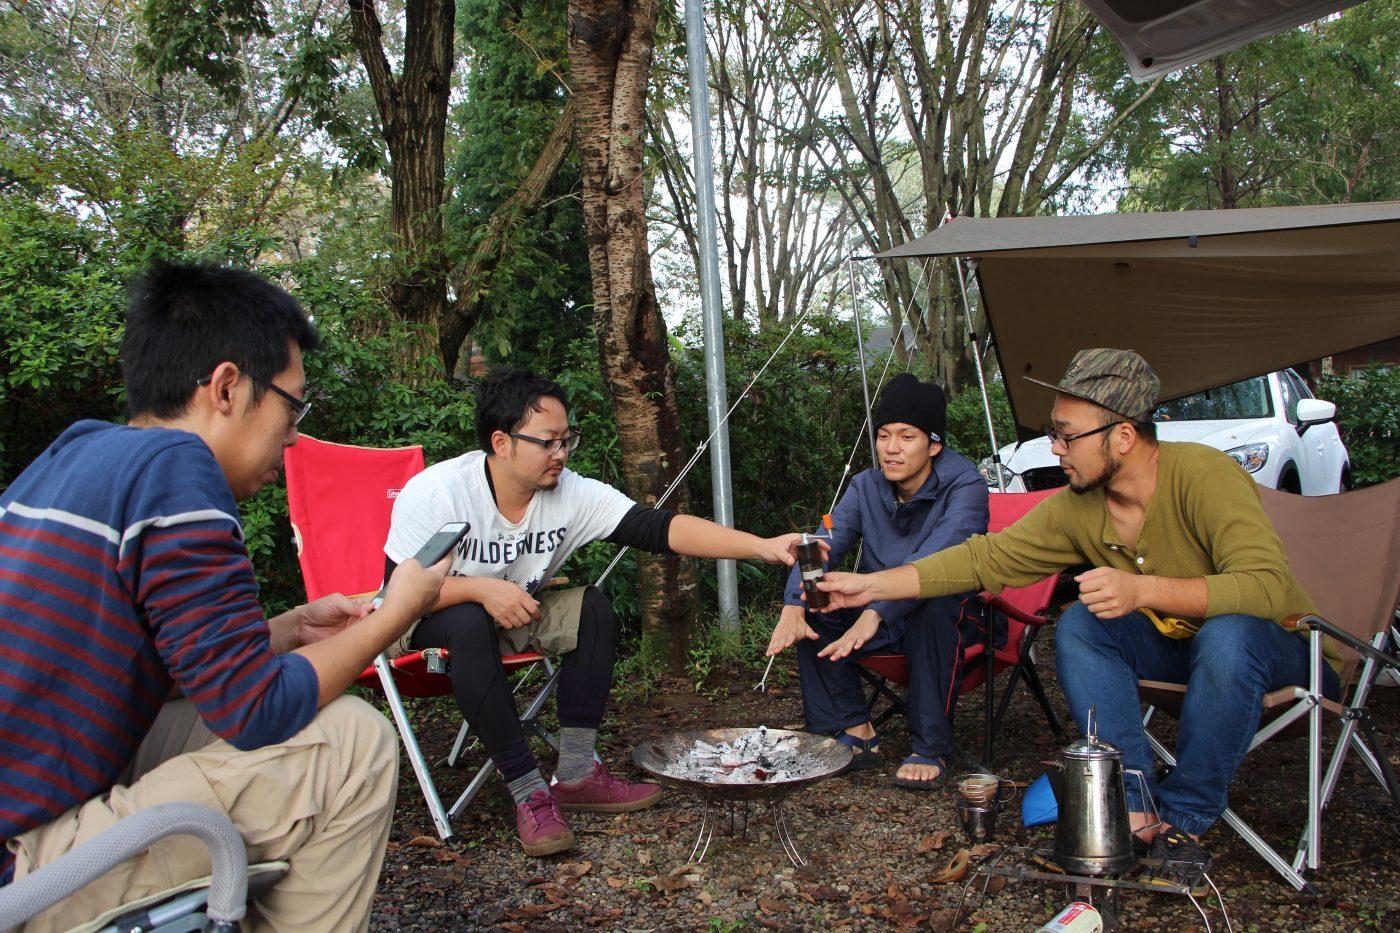 キャンプ仲間と議論をするのも楽しい